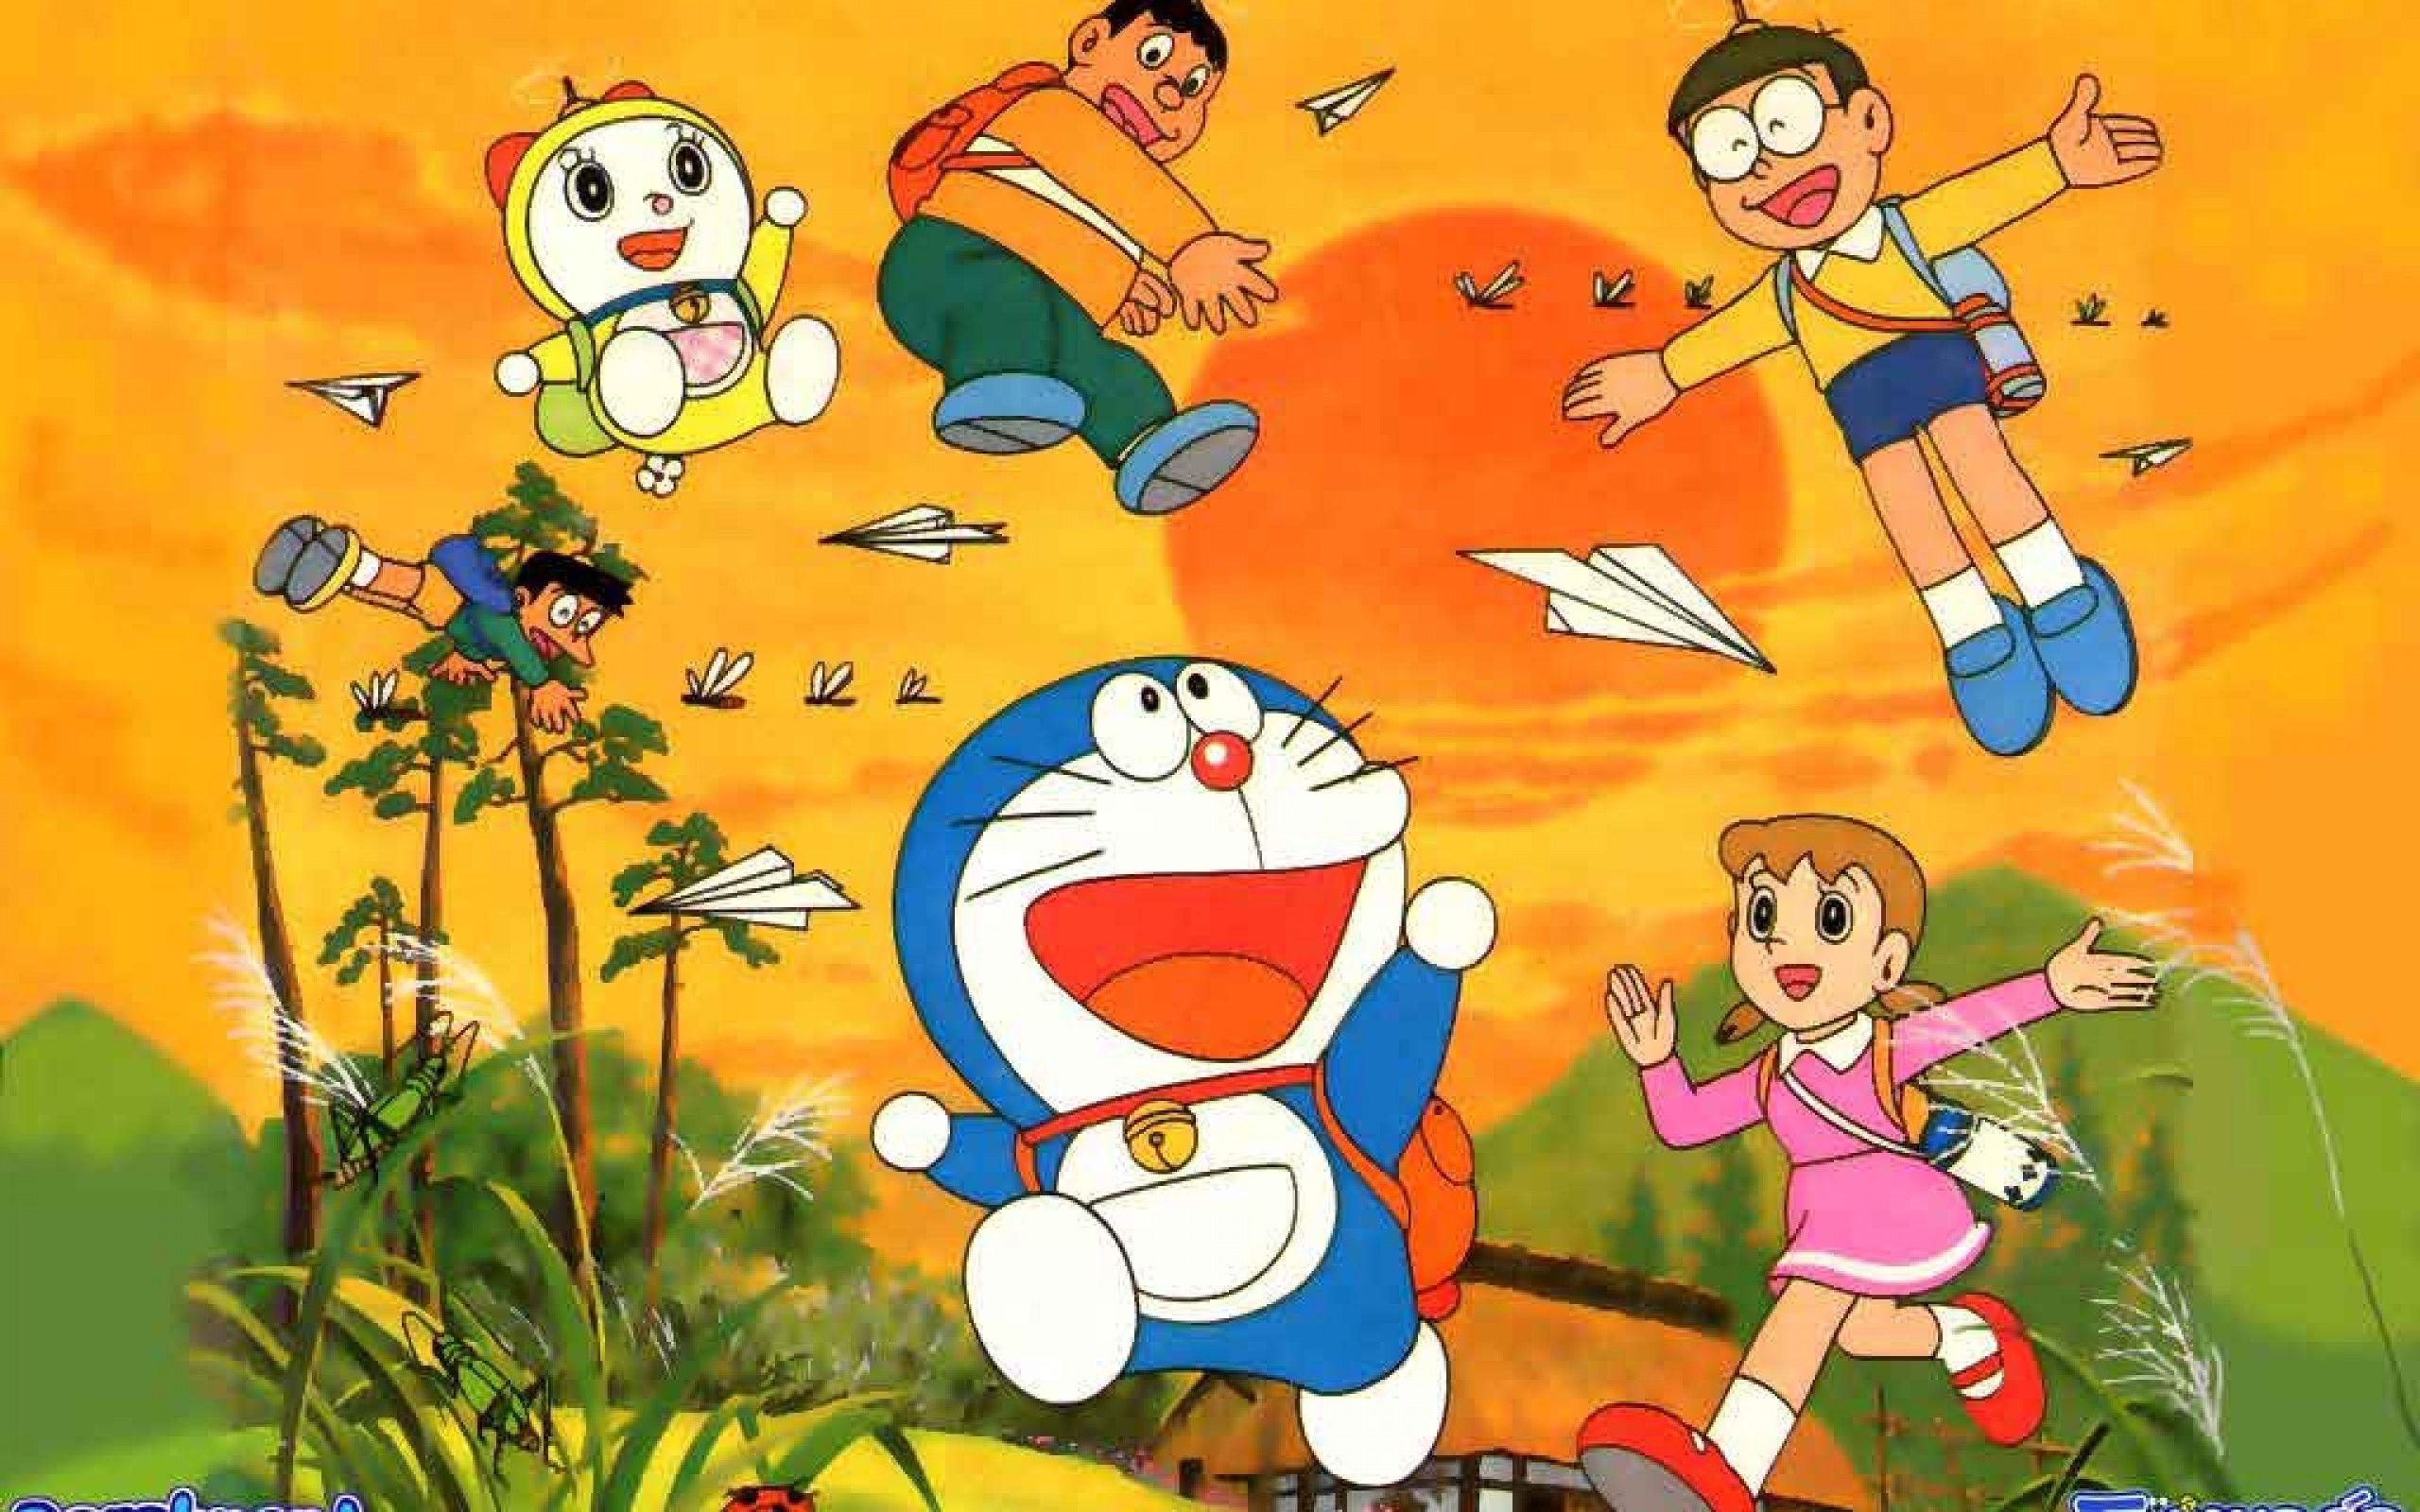 Doraemon And Nobita Best Wallpaper For Dekstop | ardiwallpaper.